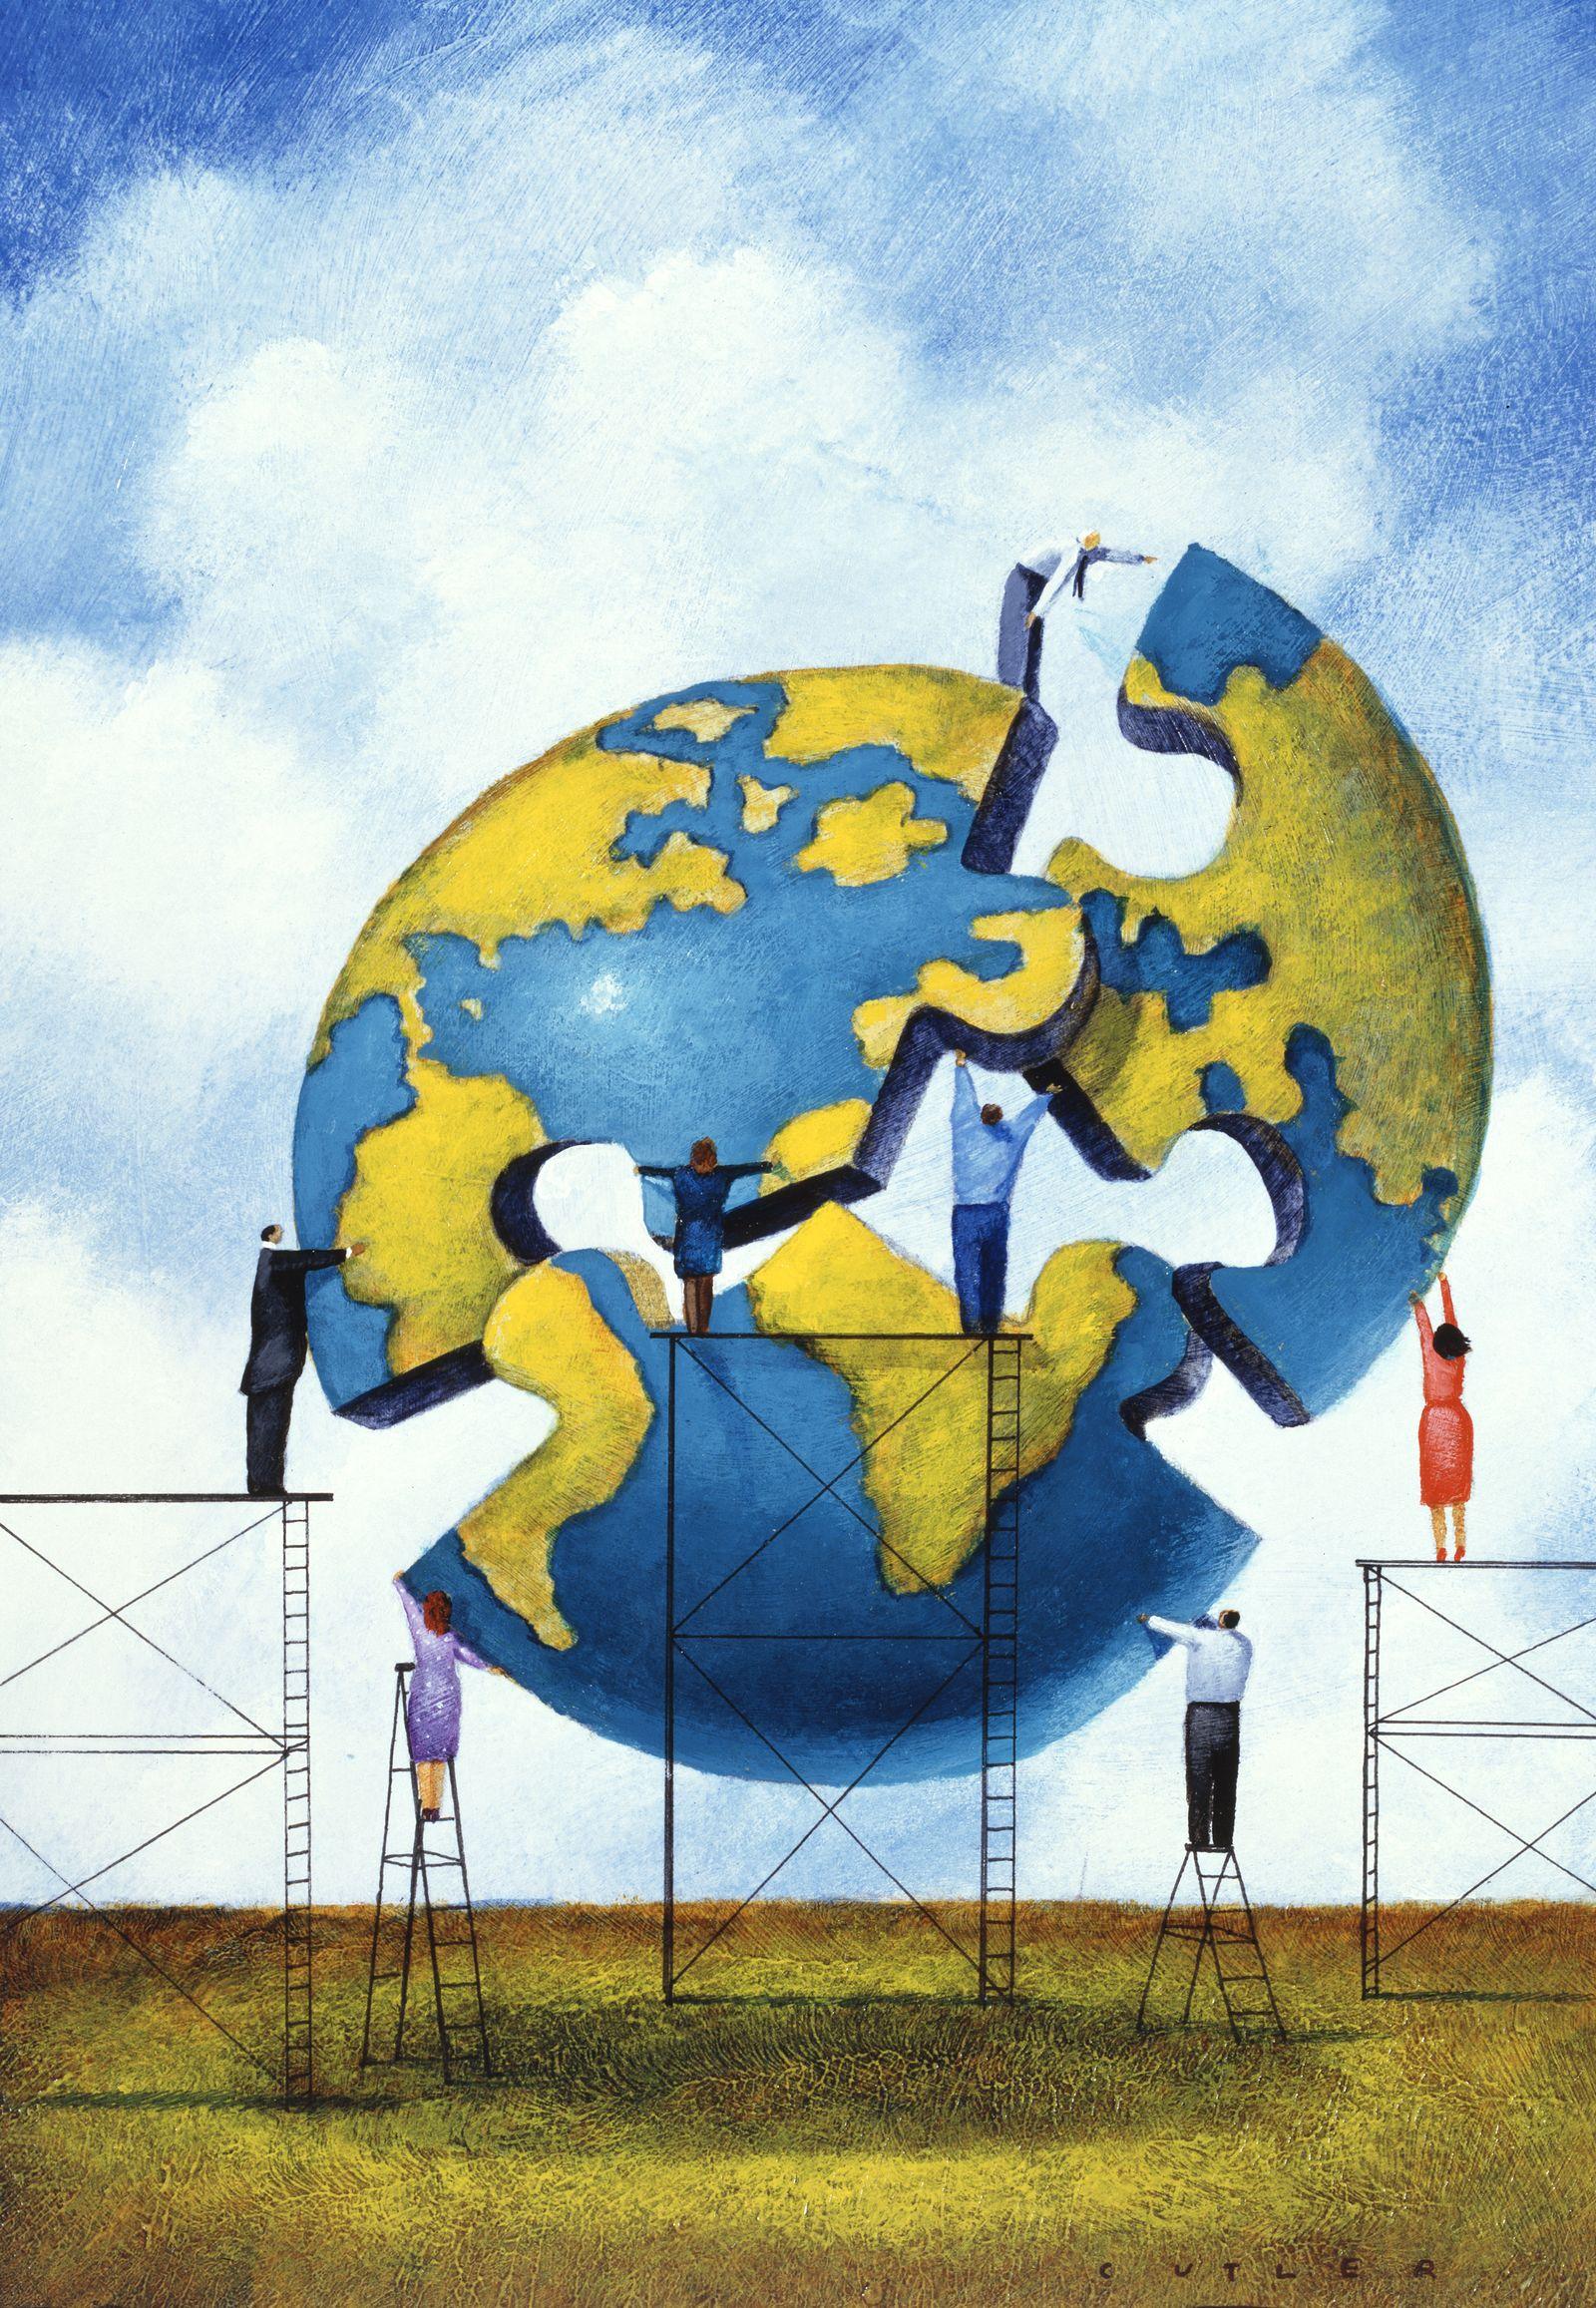 NICHT MEHR VERWENDEN! - Puzzle / Welt